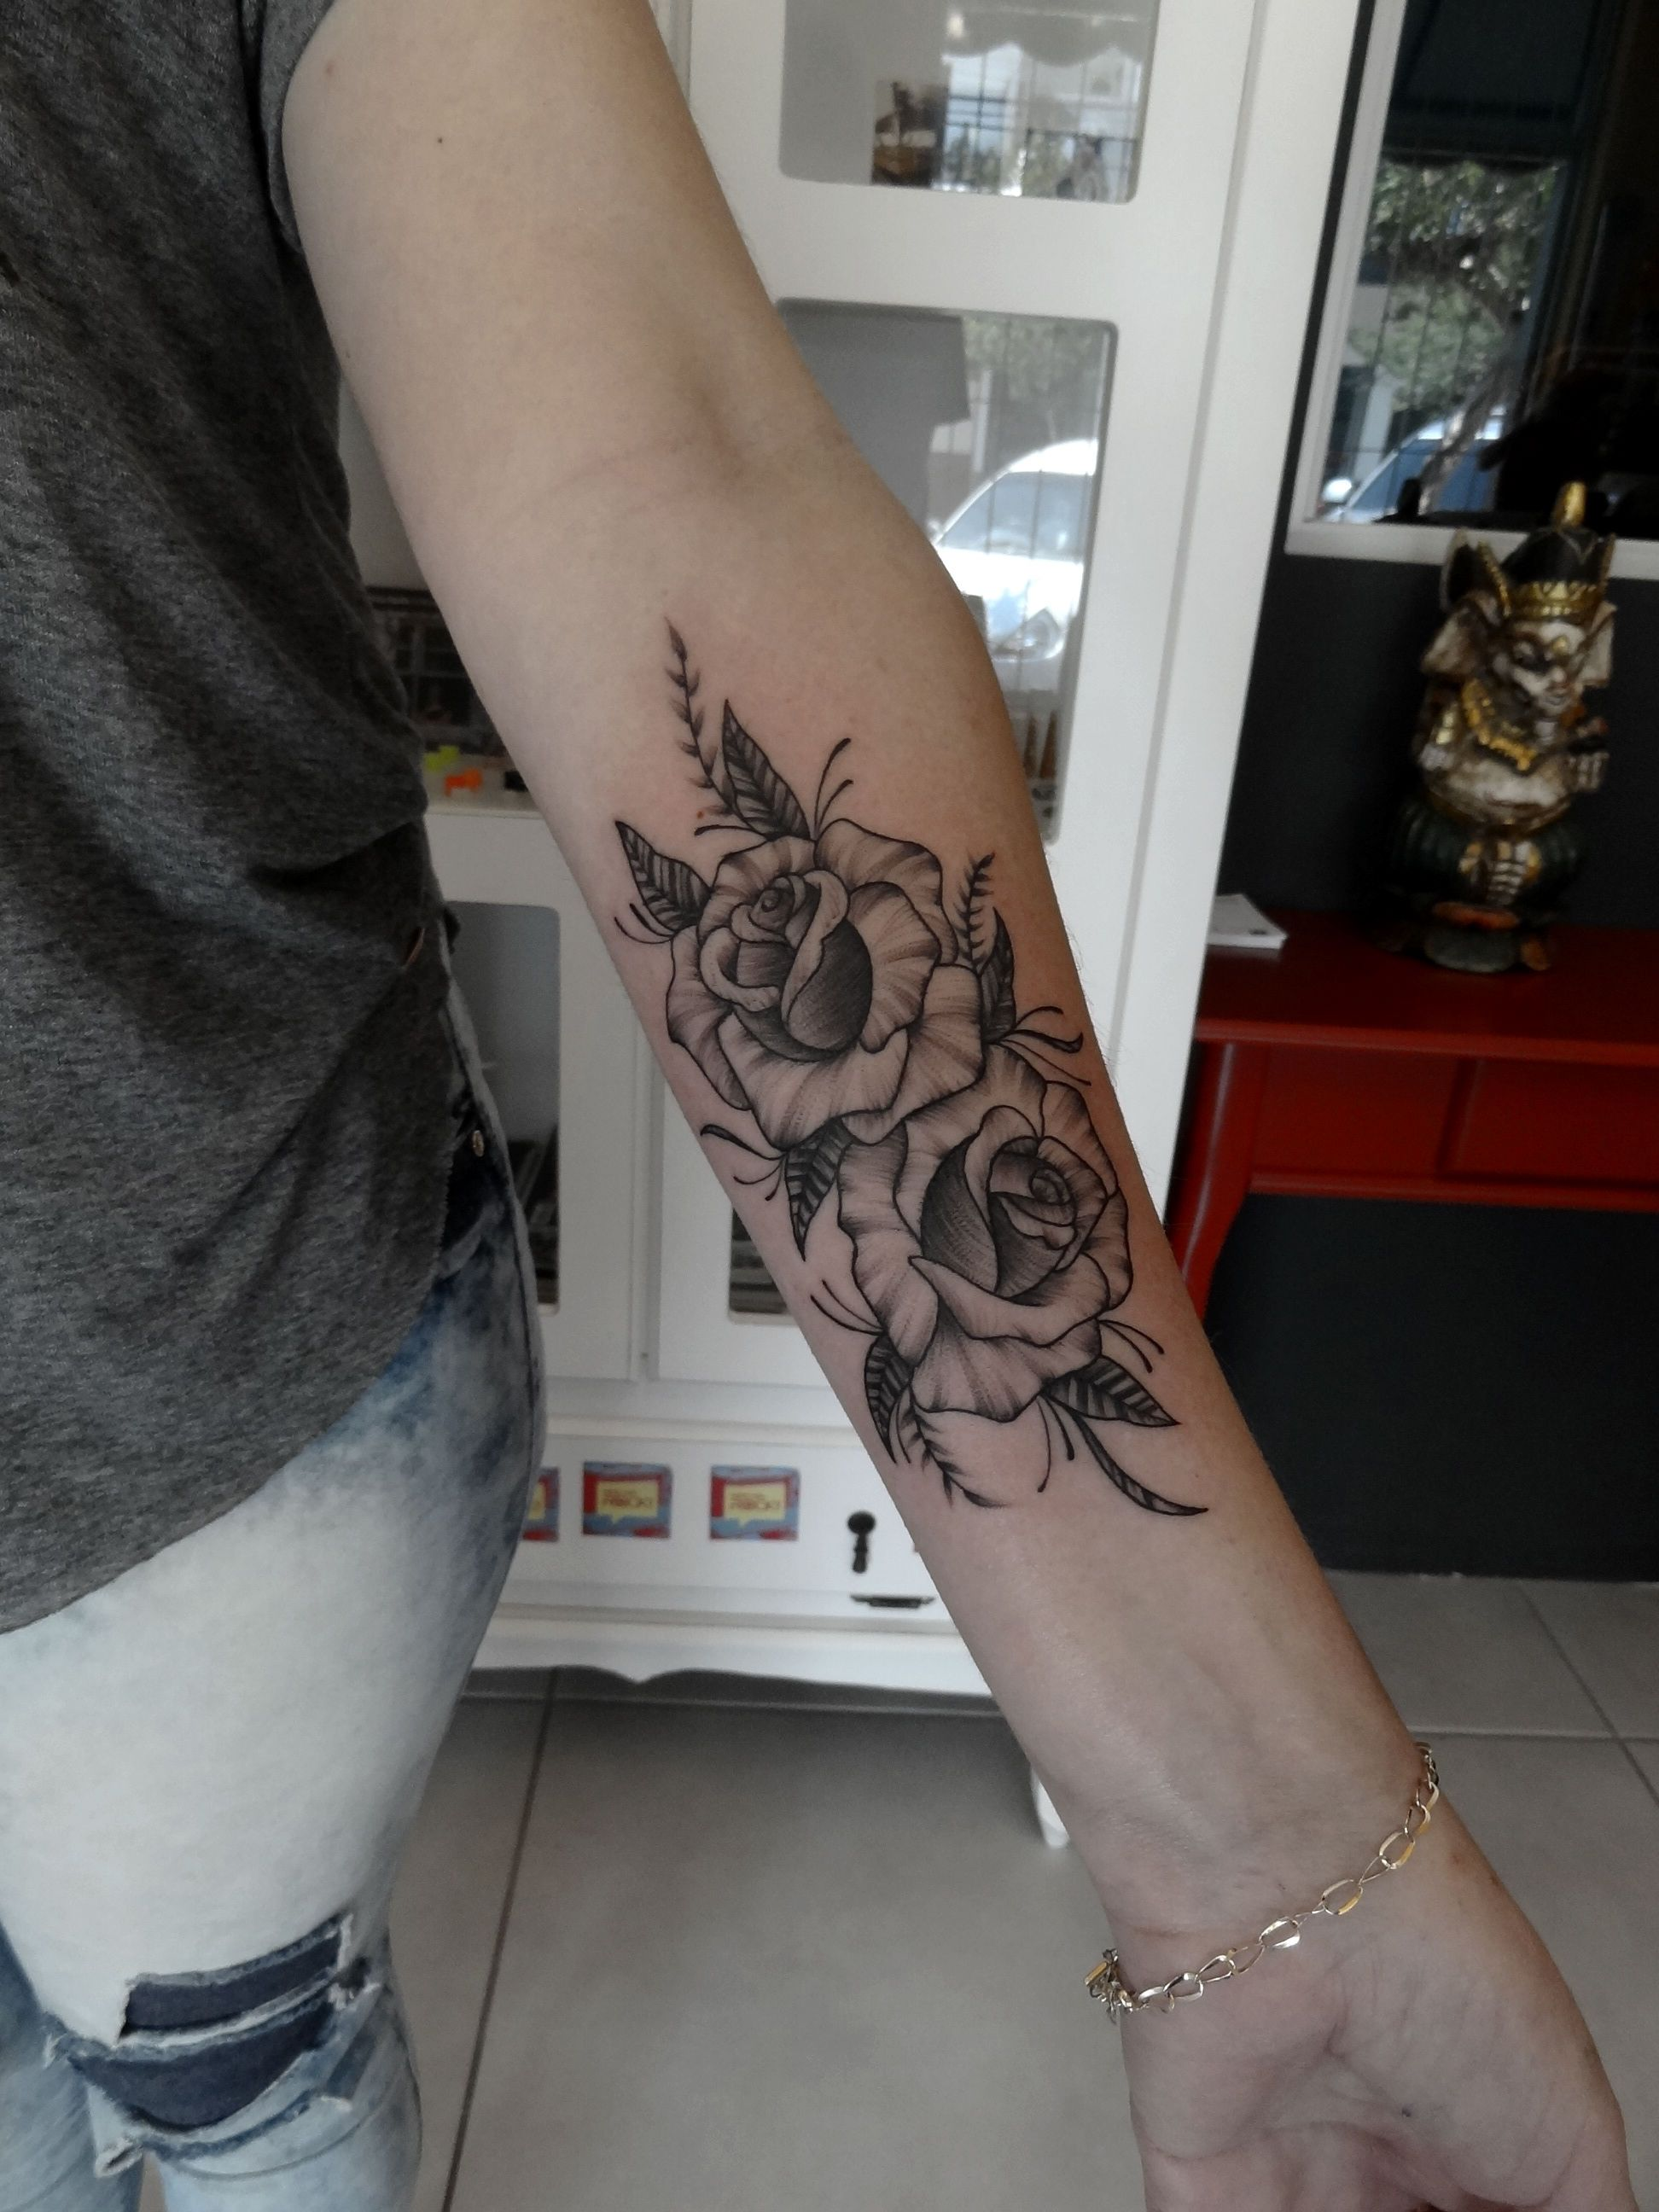 Tattoo by Patrick Leonard